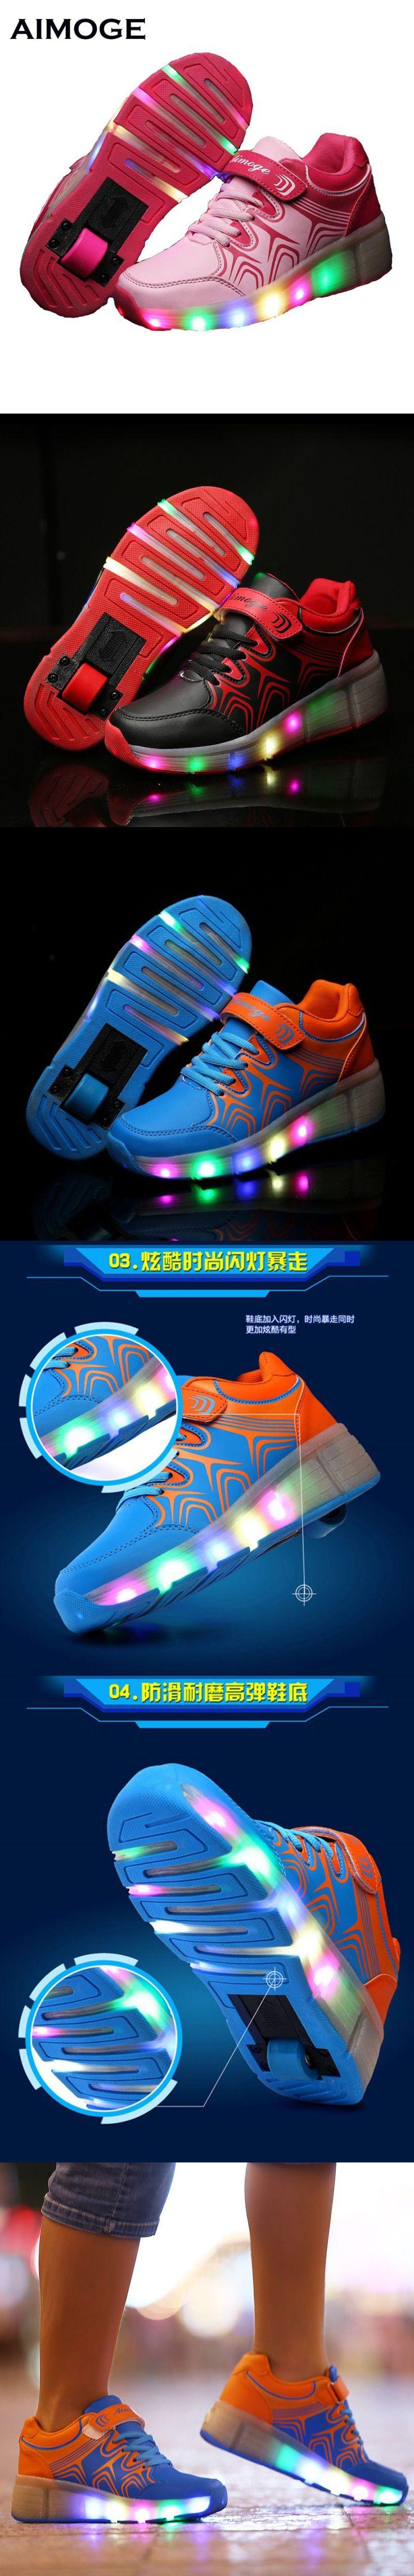 Summer Child LED Light up WHEELYS Roller Skate Shoes For Girls Children Kids Boy Led Sneakers With Wheels tenis infantil $19.98